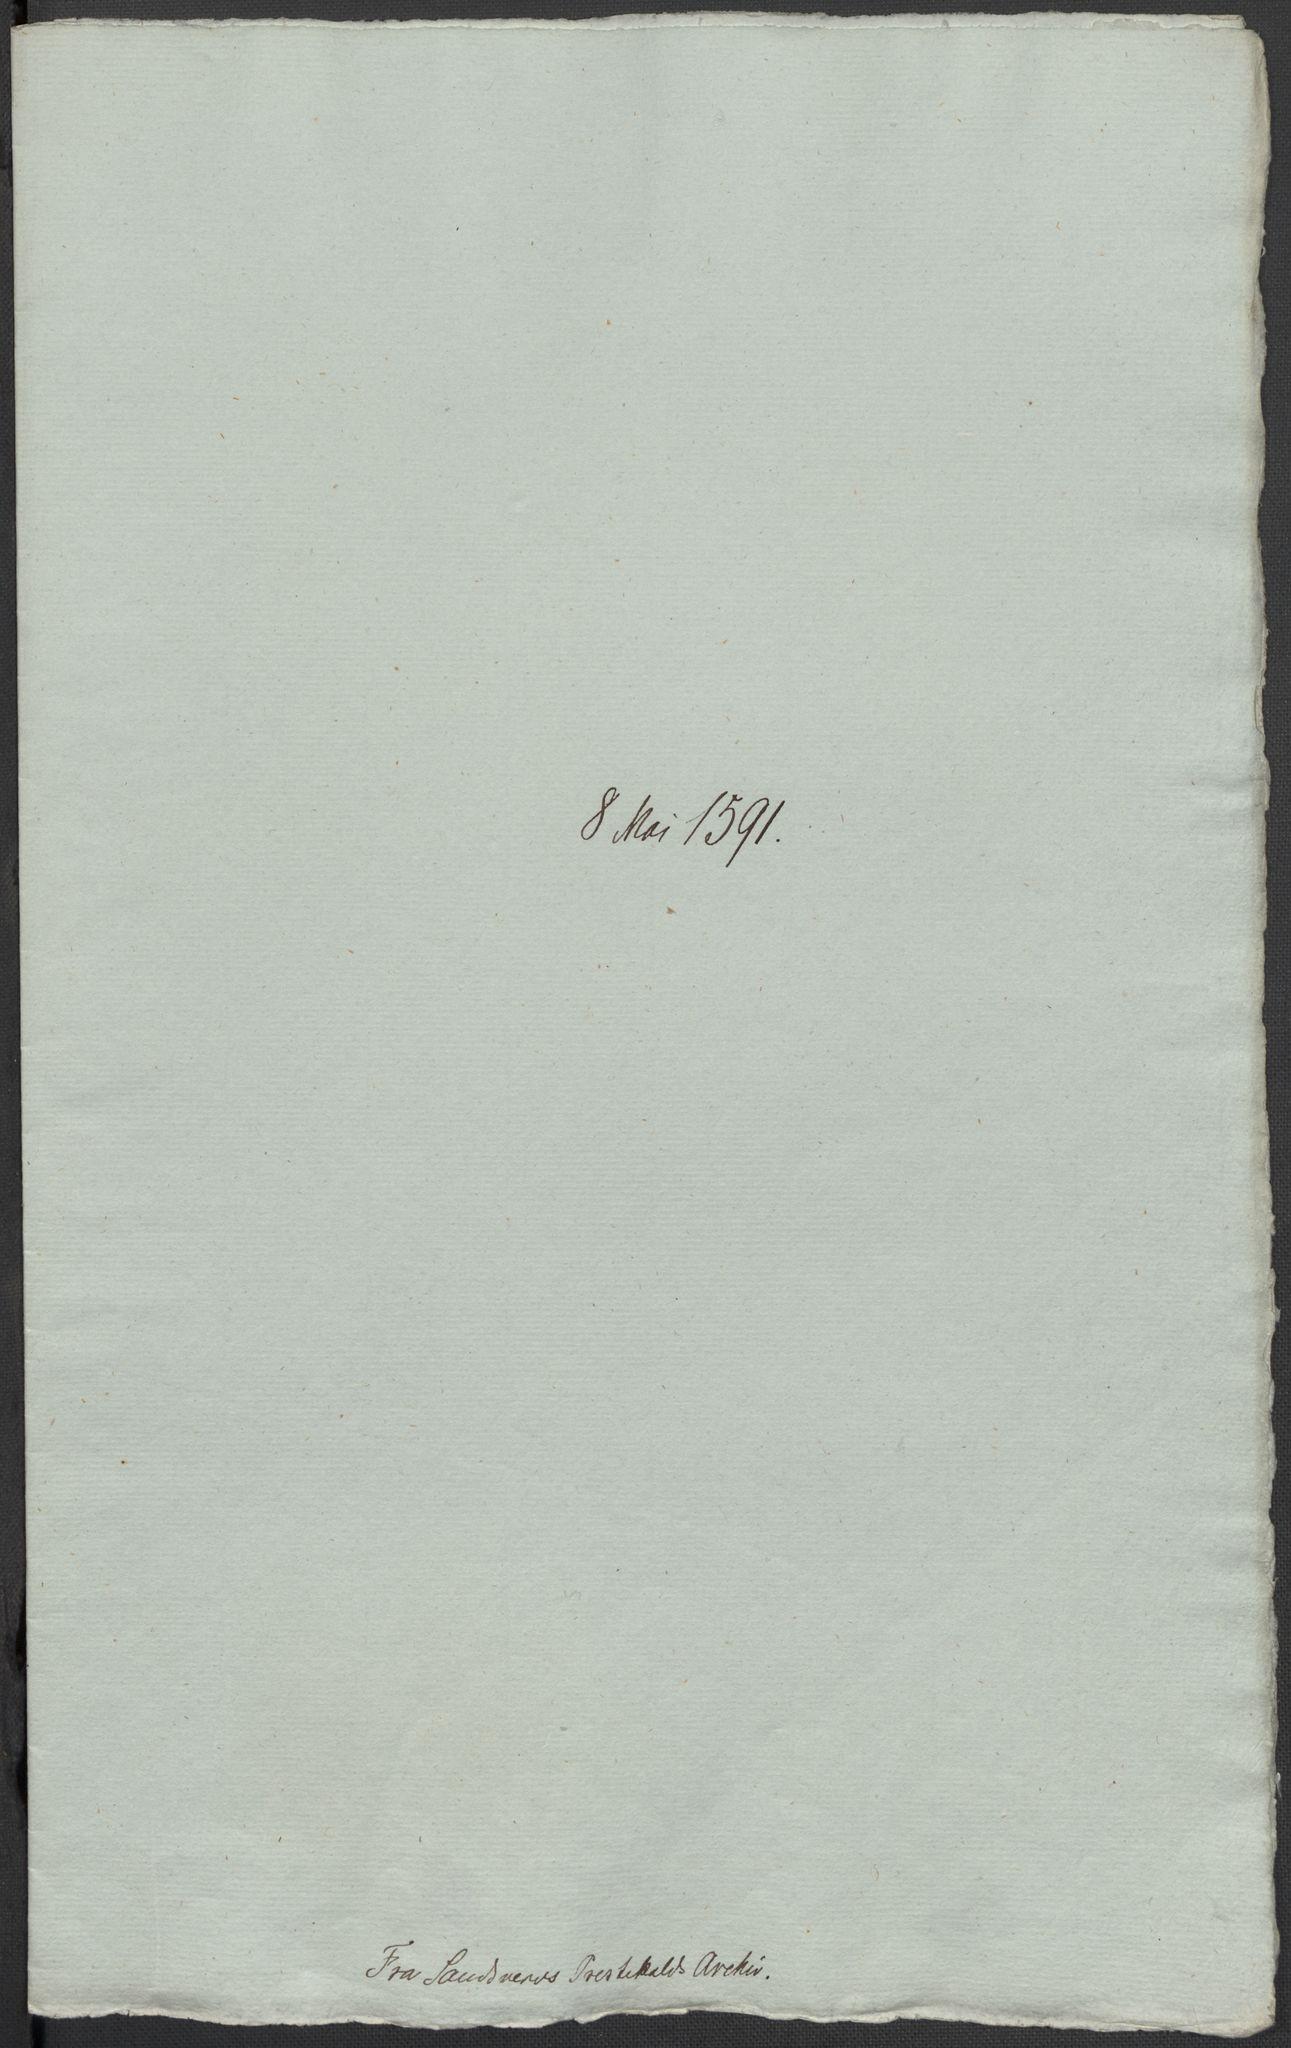 RA, Riksarkivets diplomsamling, F02/L0093: Dokumenter, 1591, s. 80